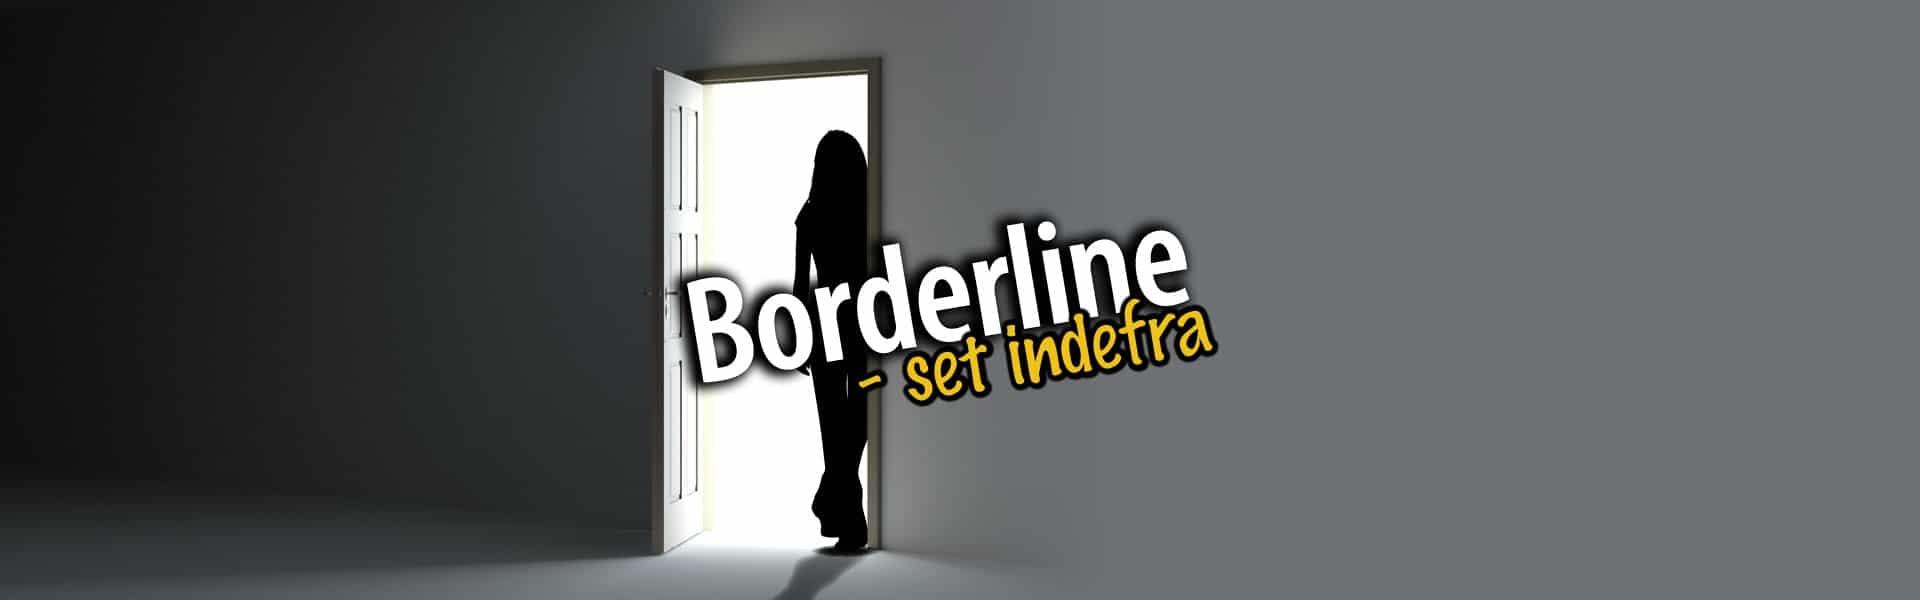 Webgrafik_Borderline set indefra_NY